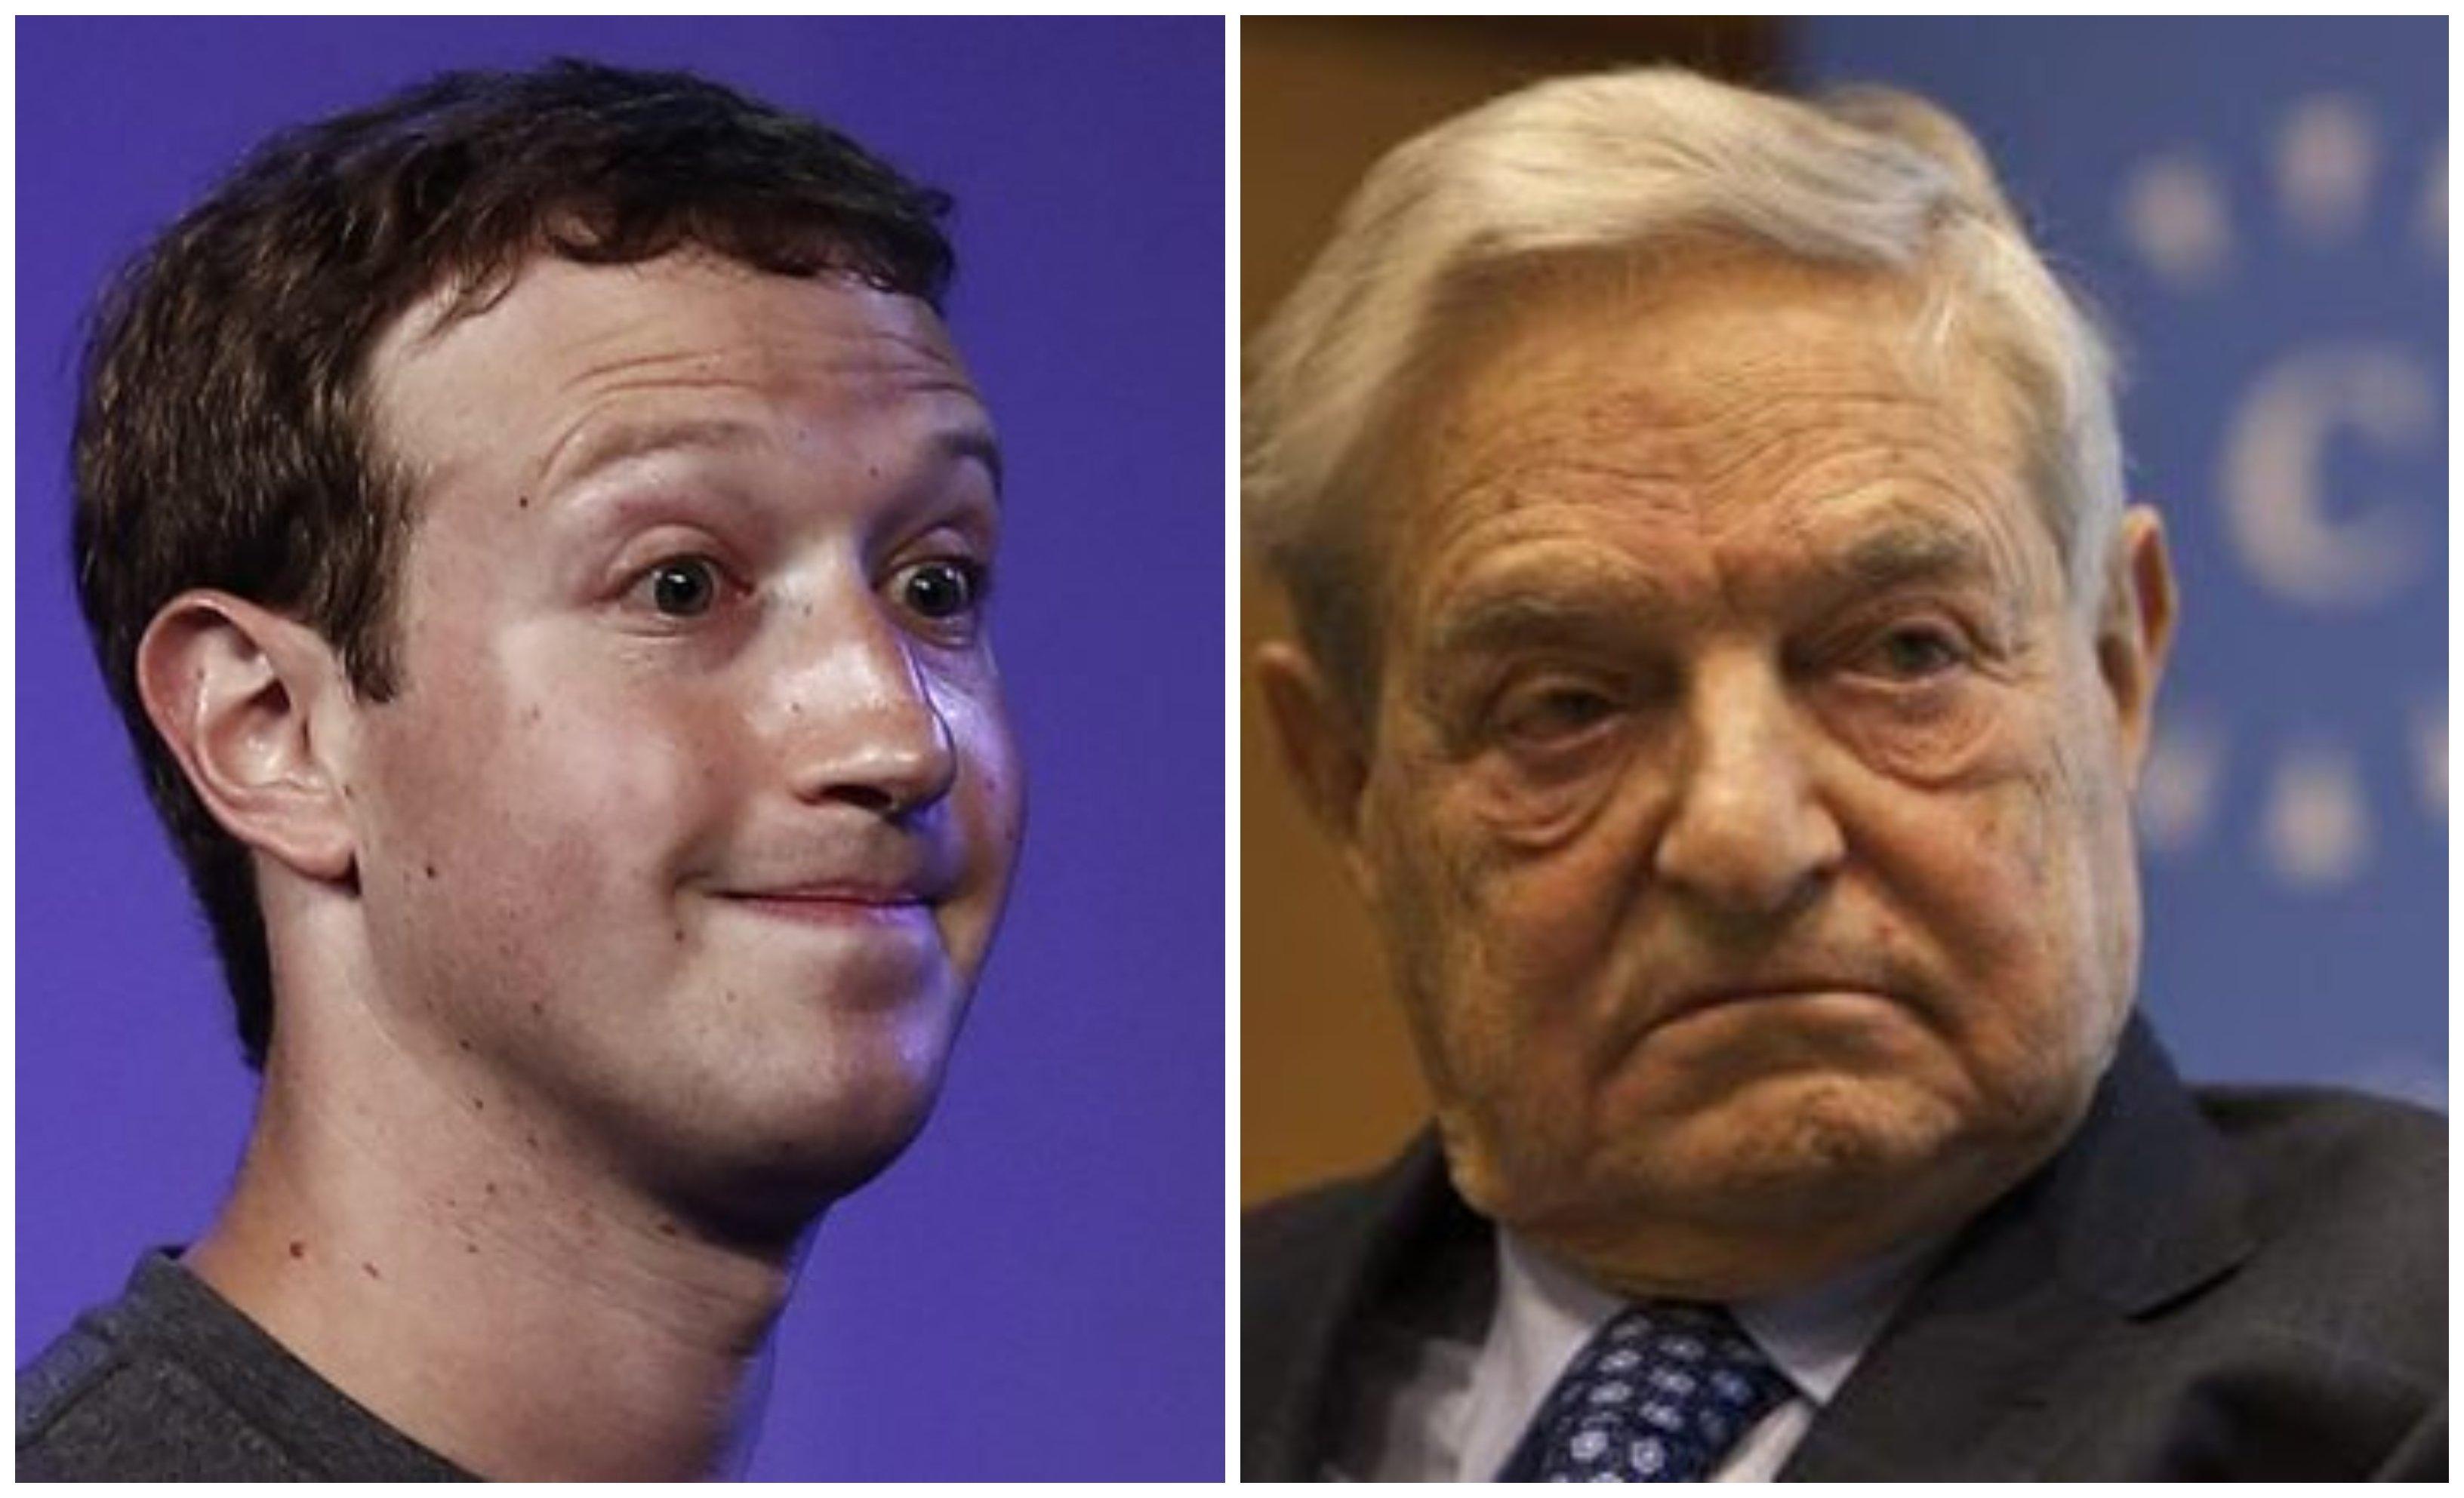 Zuckerberg es un tonti-progre, pero Soros es una víbora